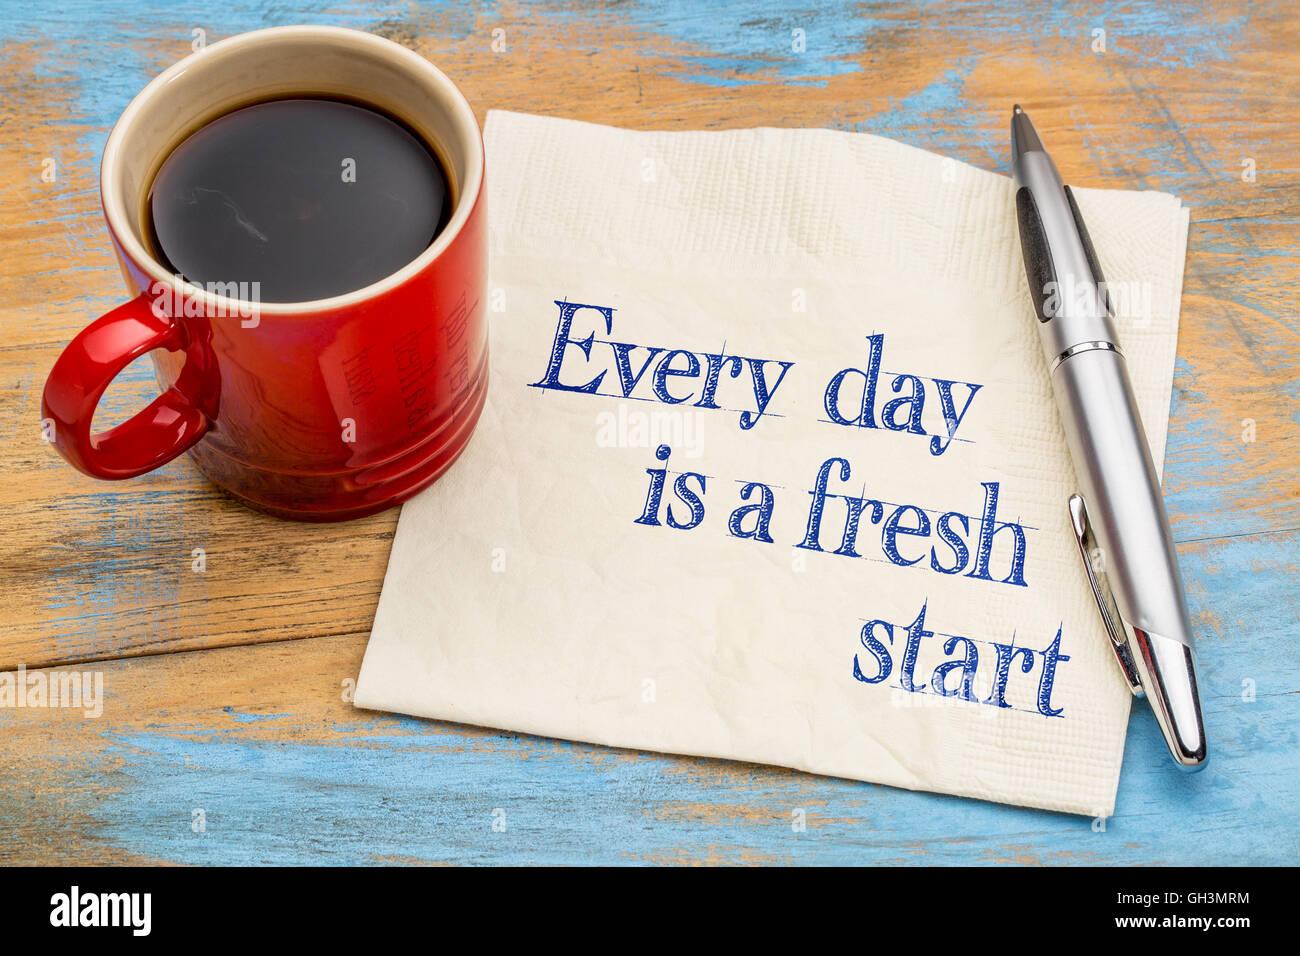 Cada día es un nuevo comienzo - escritura motivacional en una servilleta con una taza de café. Imagen De Stock